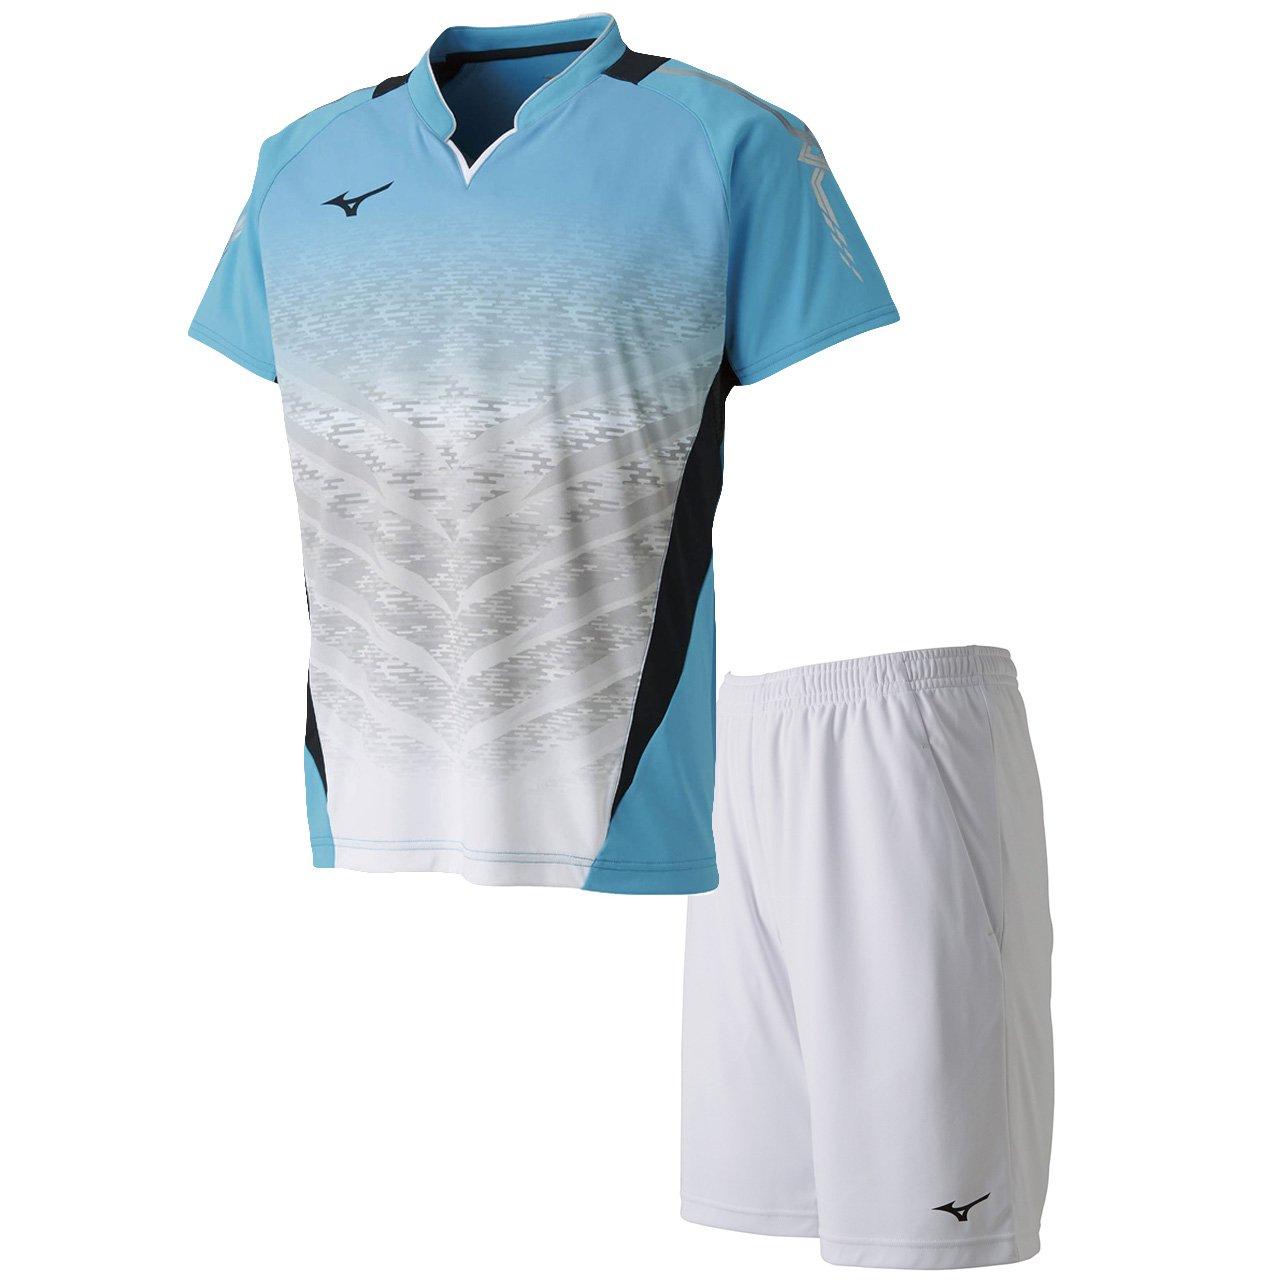 ミズノ(MIZUNO) ゲームシャツ&ゲームパンツ 上下セット(ブルーアトール/ホワイト) 72MA8001-21-62JB8012-01 B079S3GTBG ブルーアトール/ホワイト S